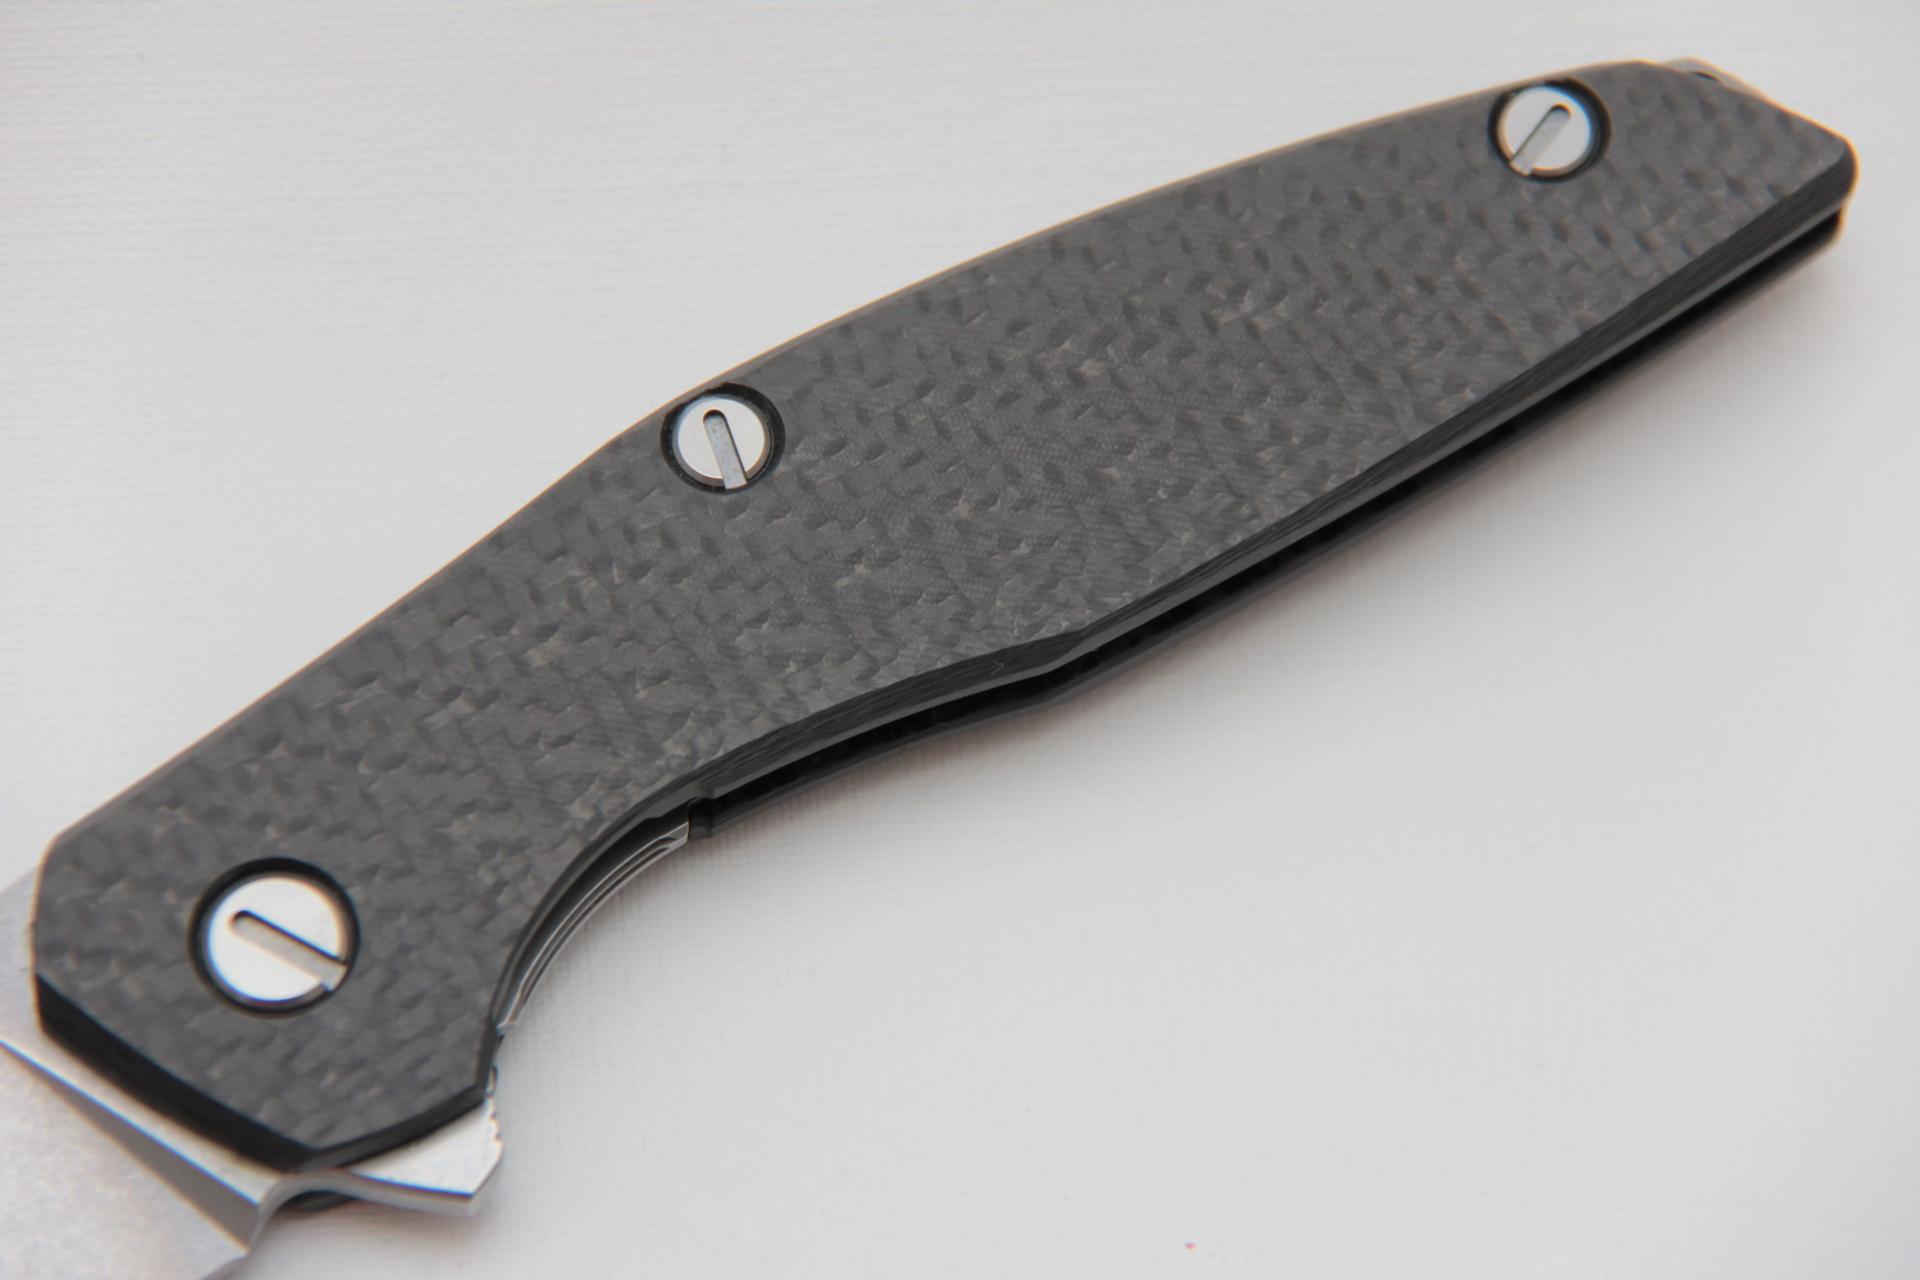 Нож Широгоров 111 карбоновая рукоять М390 - фотография